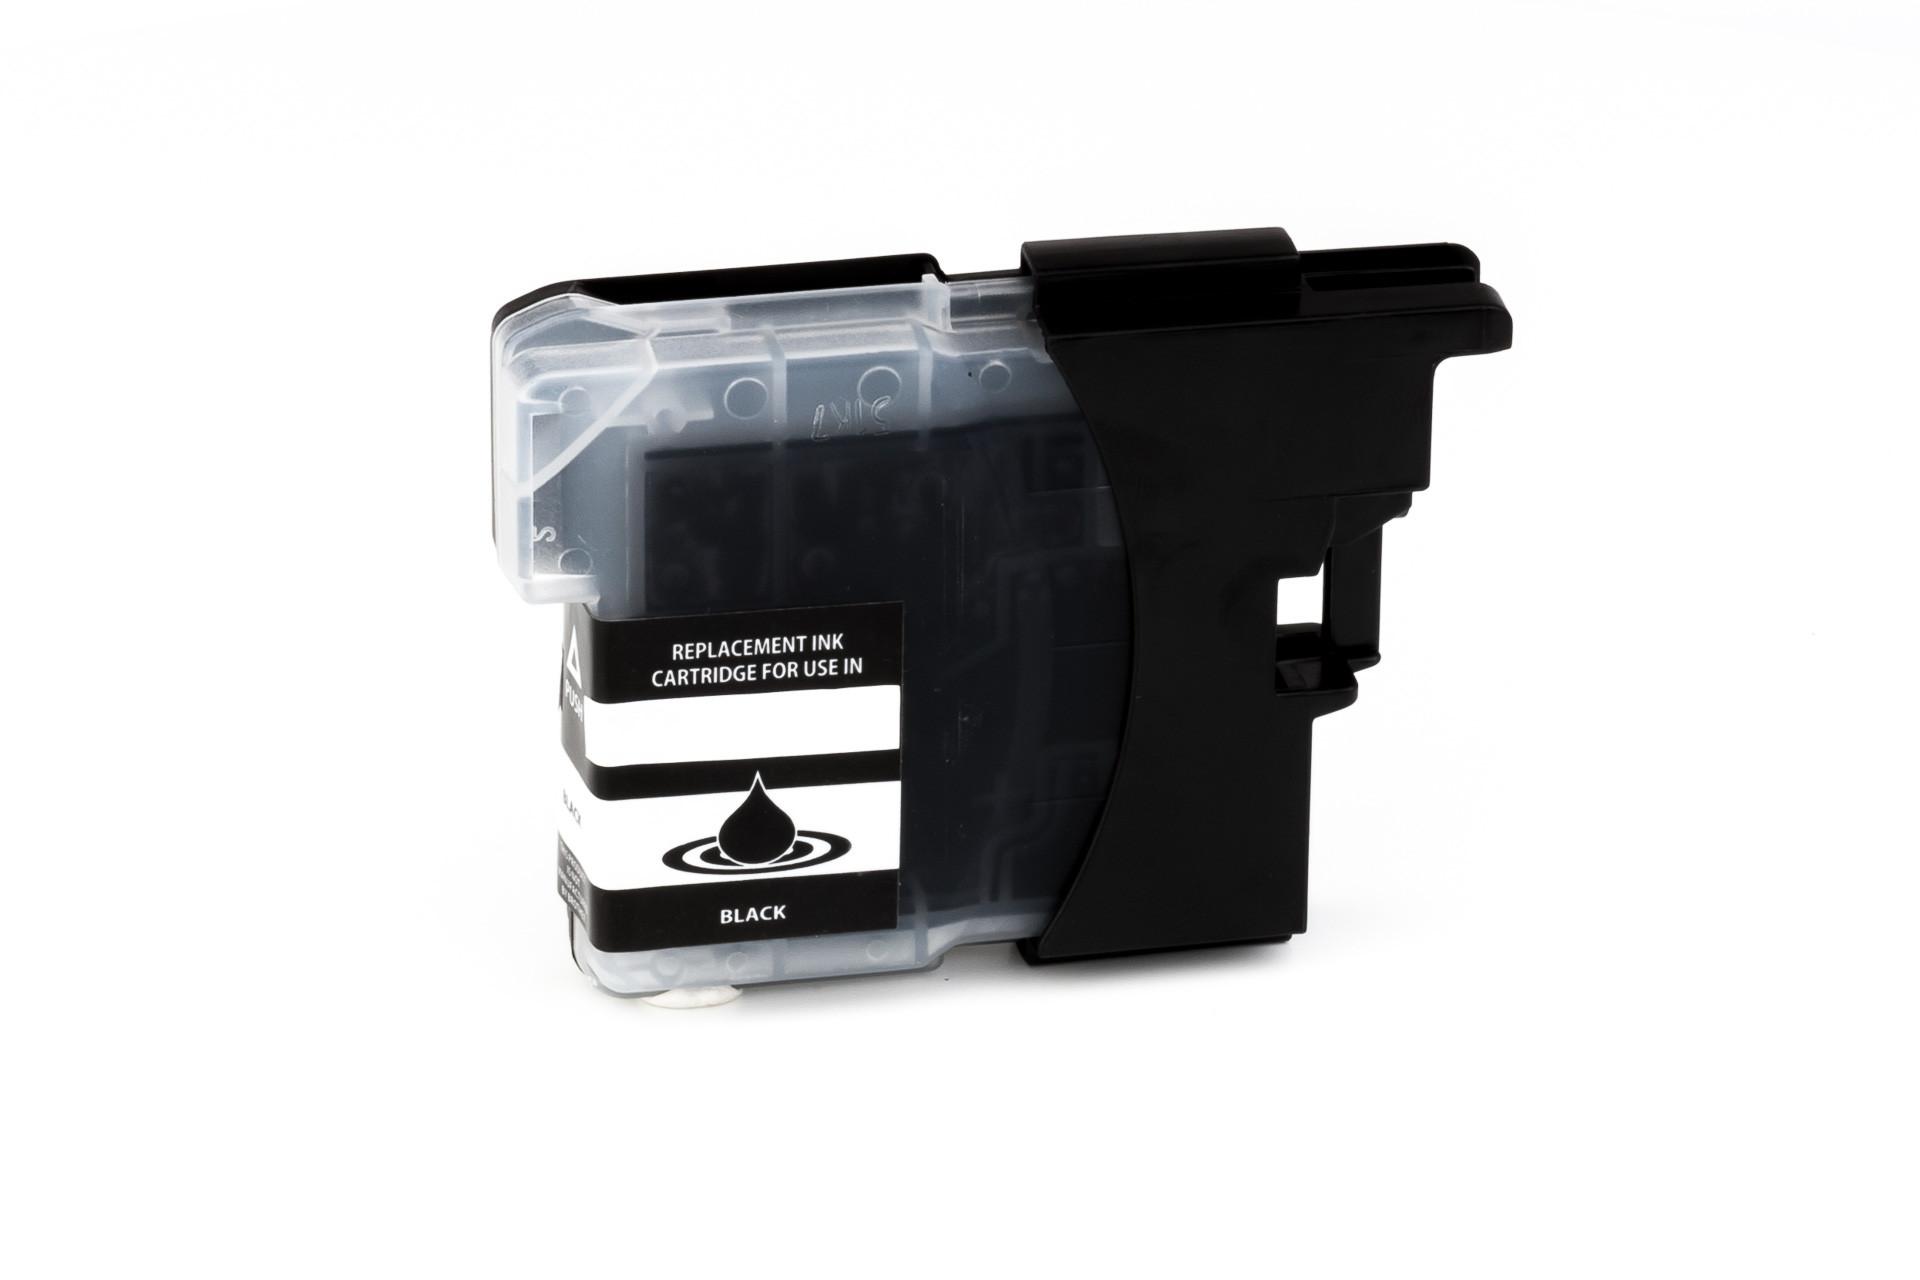 Encre (alternatif) compatible à Brother DCP-J 125/315 W/515 W/MFC-J 220/265 W/410/415 W/615 W LC985BK noir